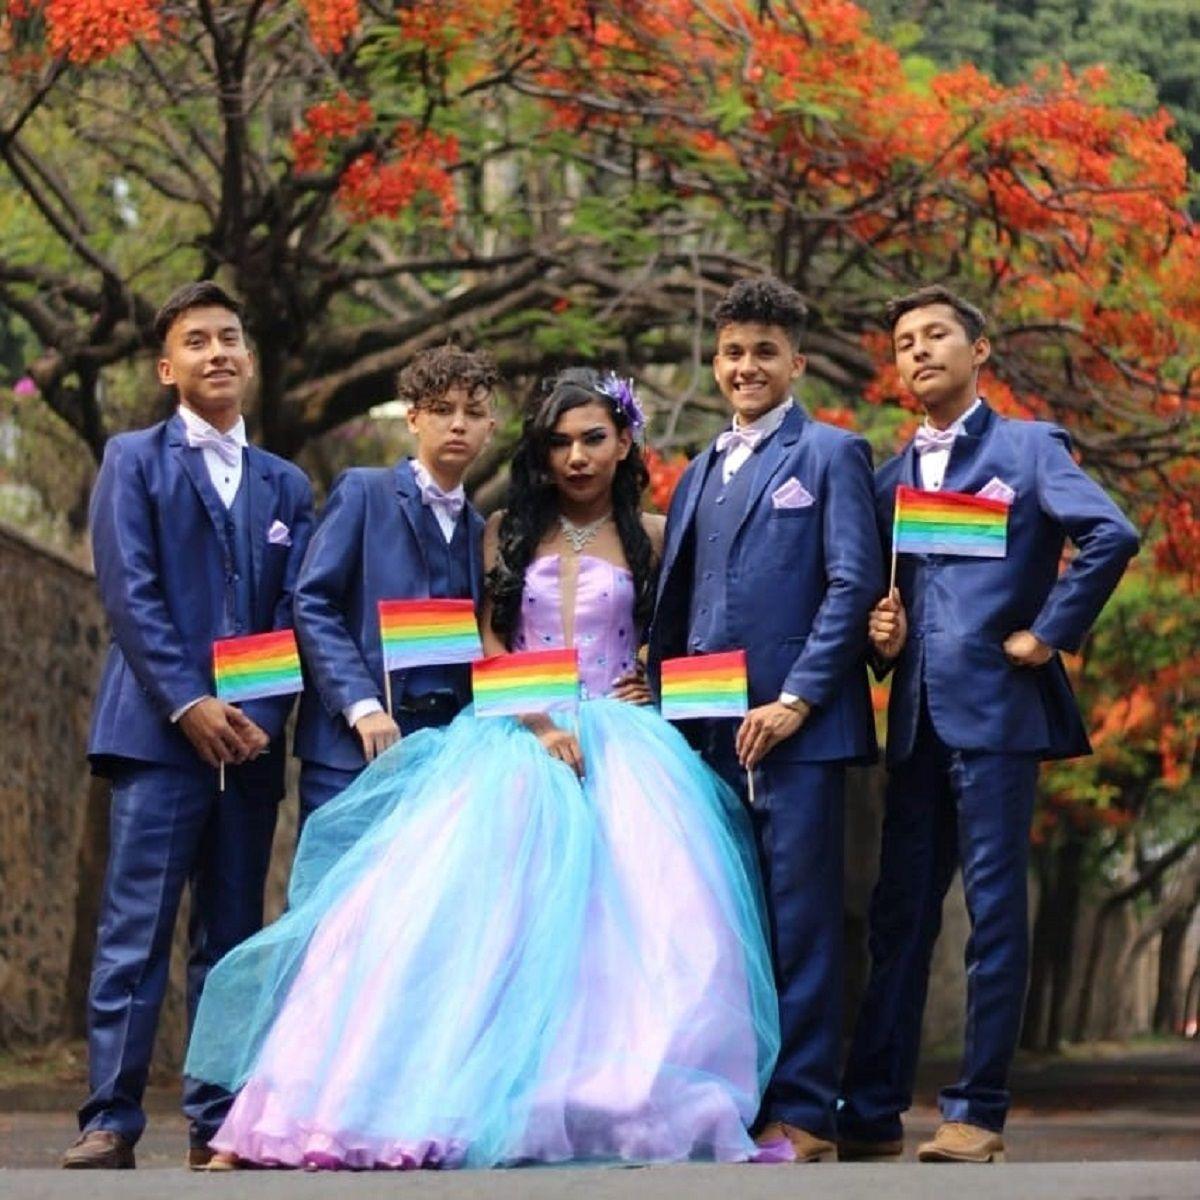 Un joven gay tuvo su fiesta de 15 con vestido y bailarines: Mi felicidad nadie me la quita